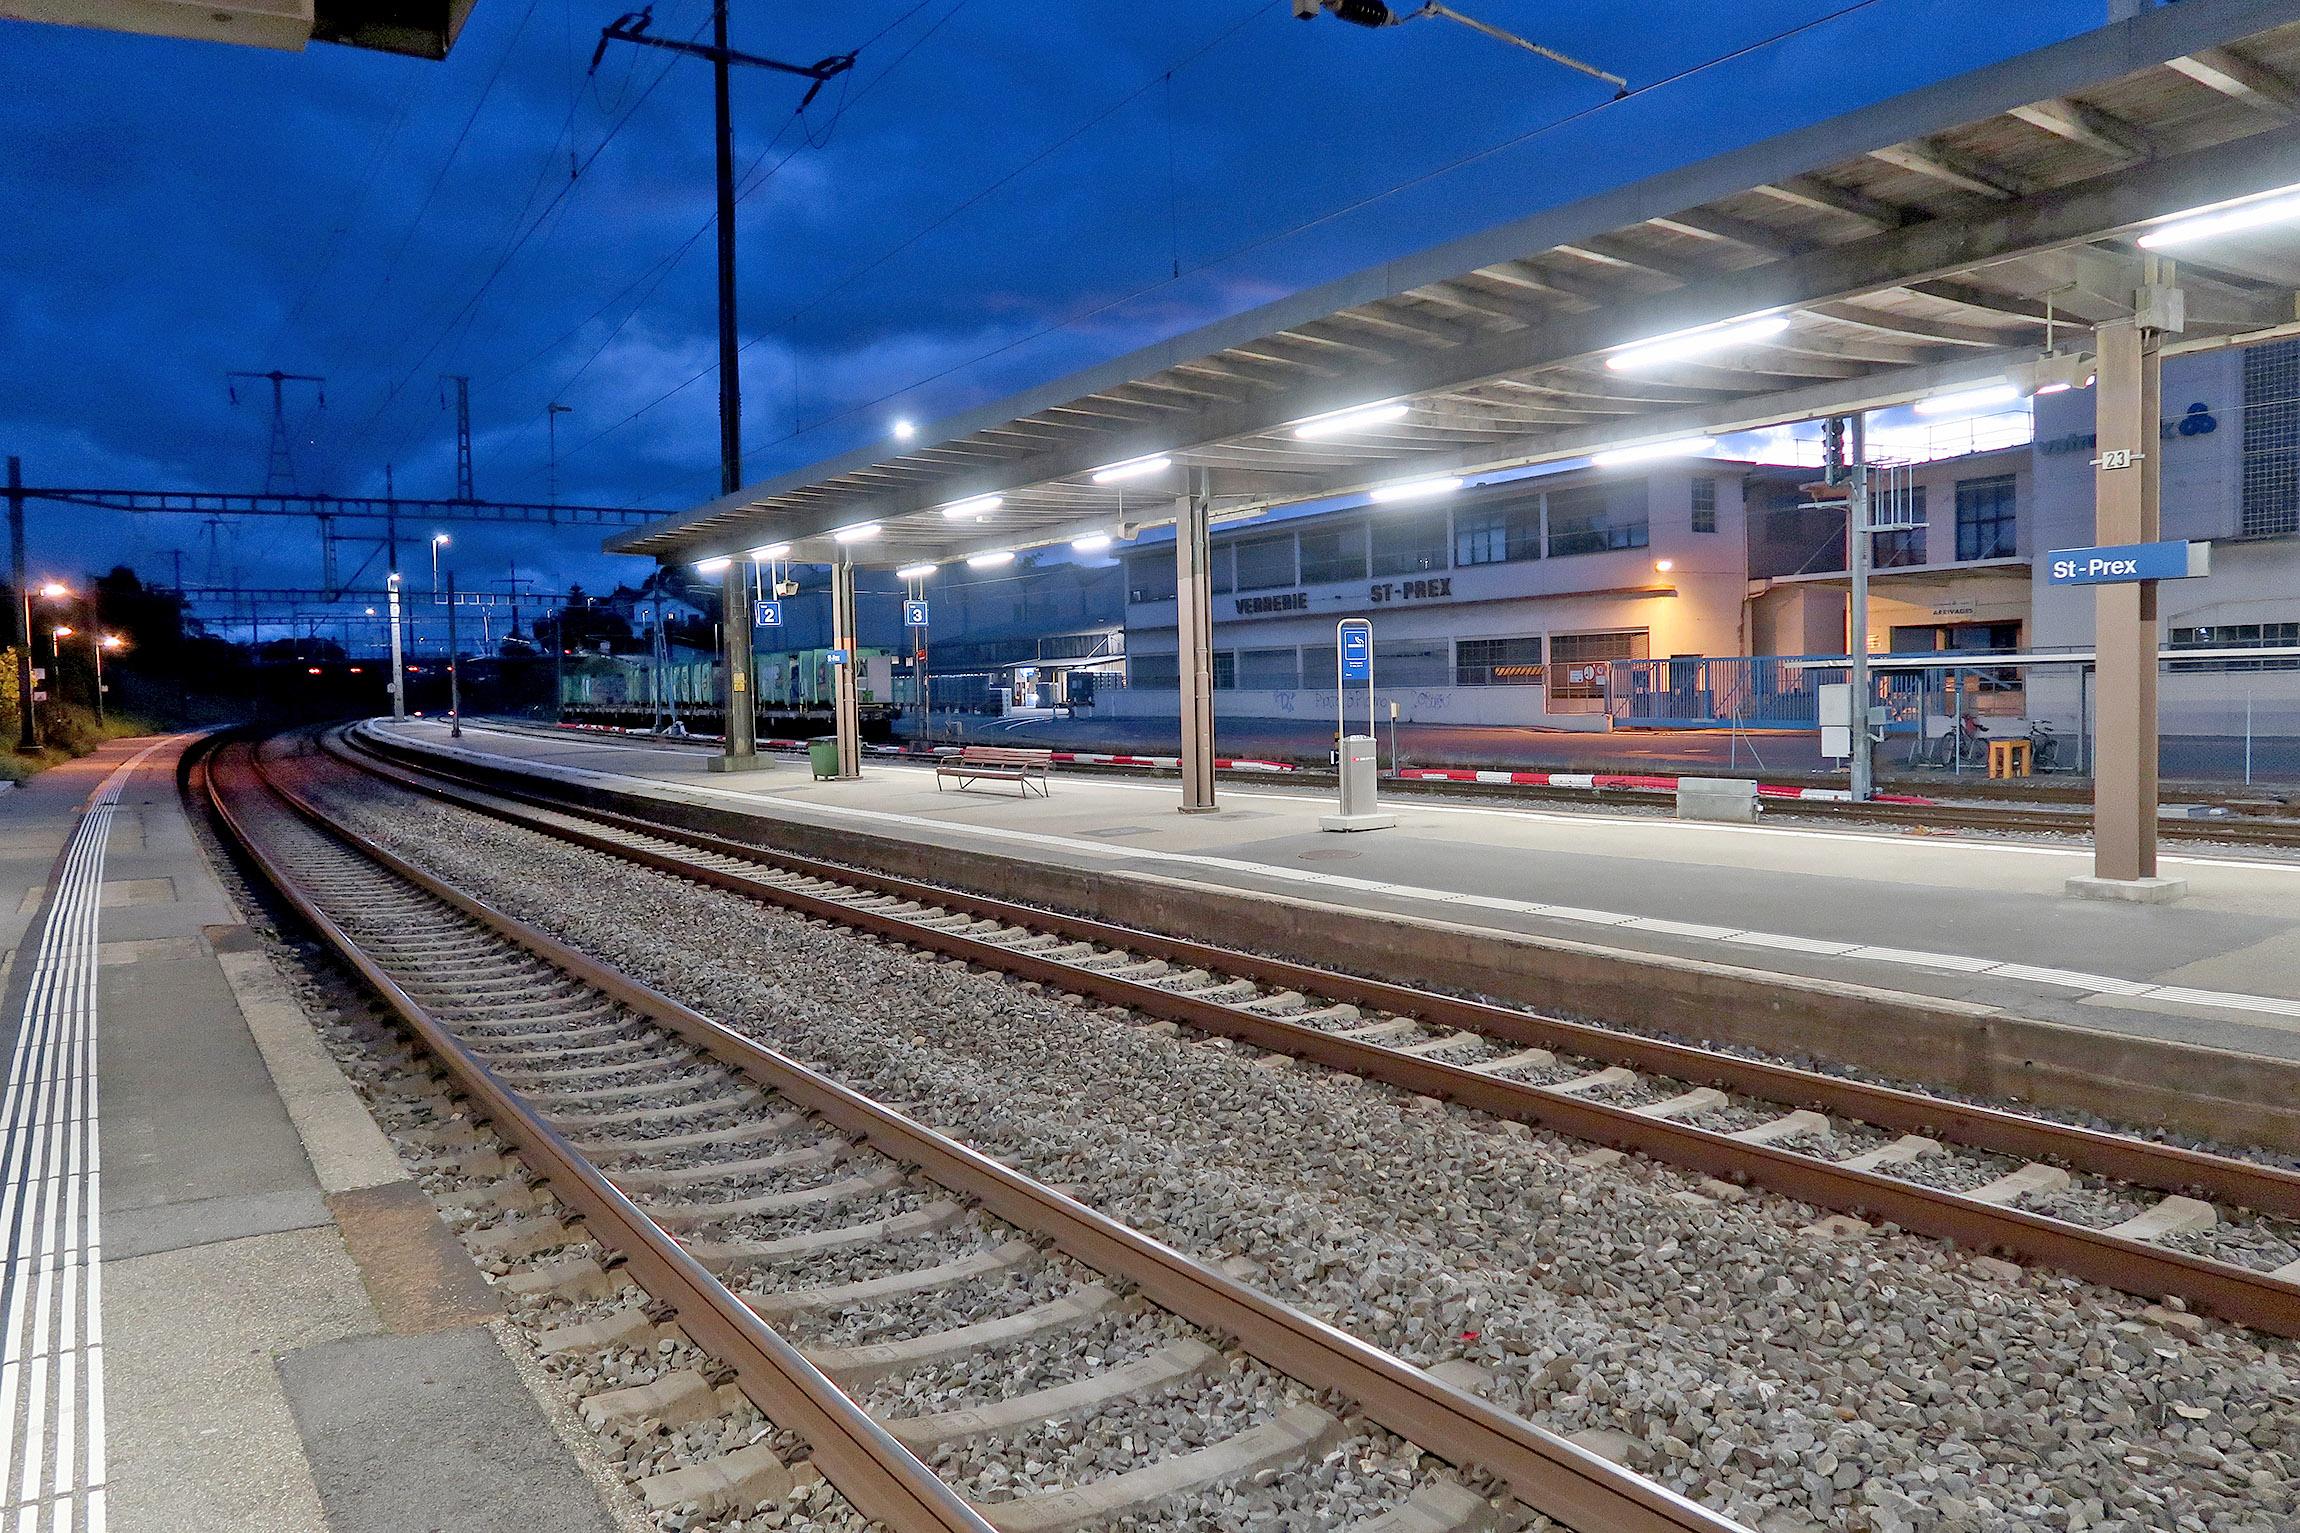 Vers un visage neuf pour la gare de Saint-Prex